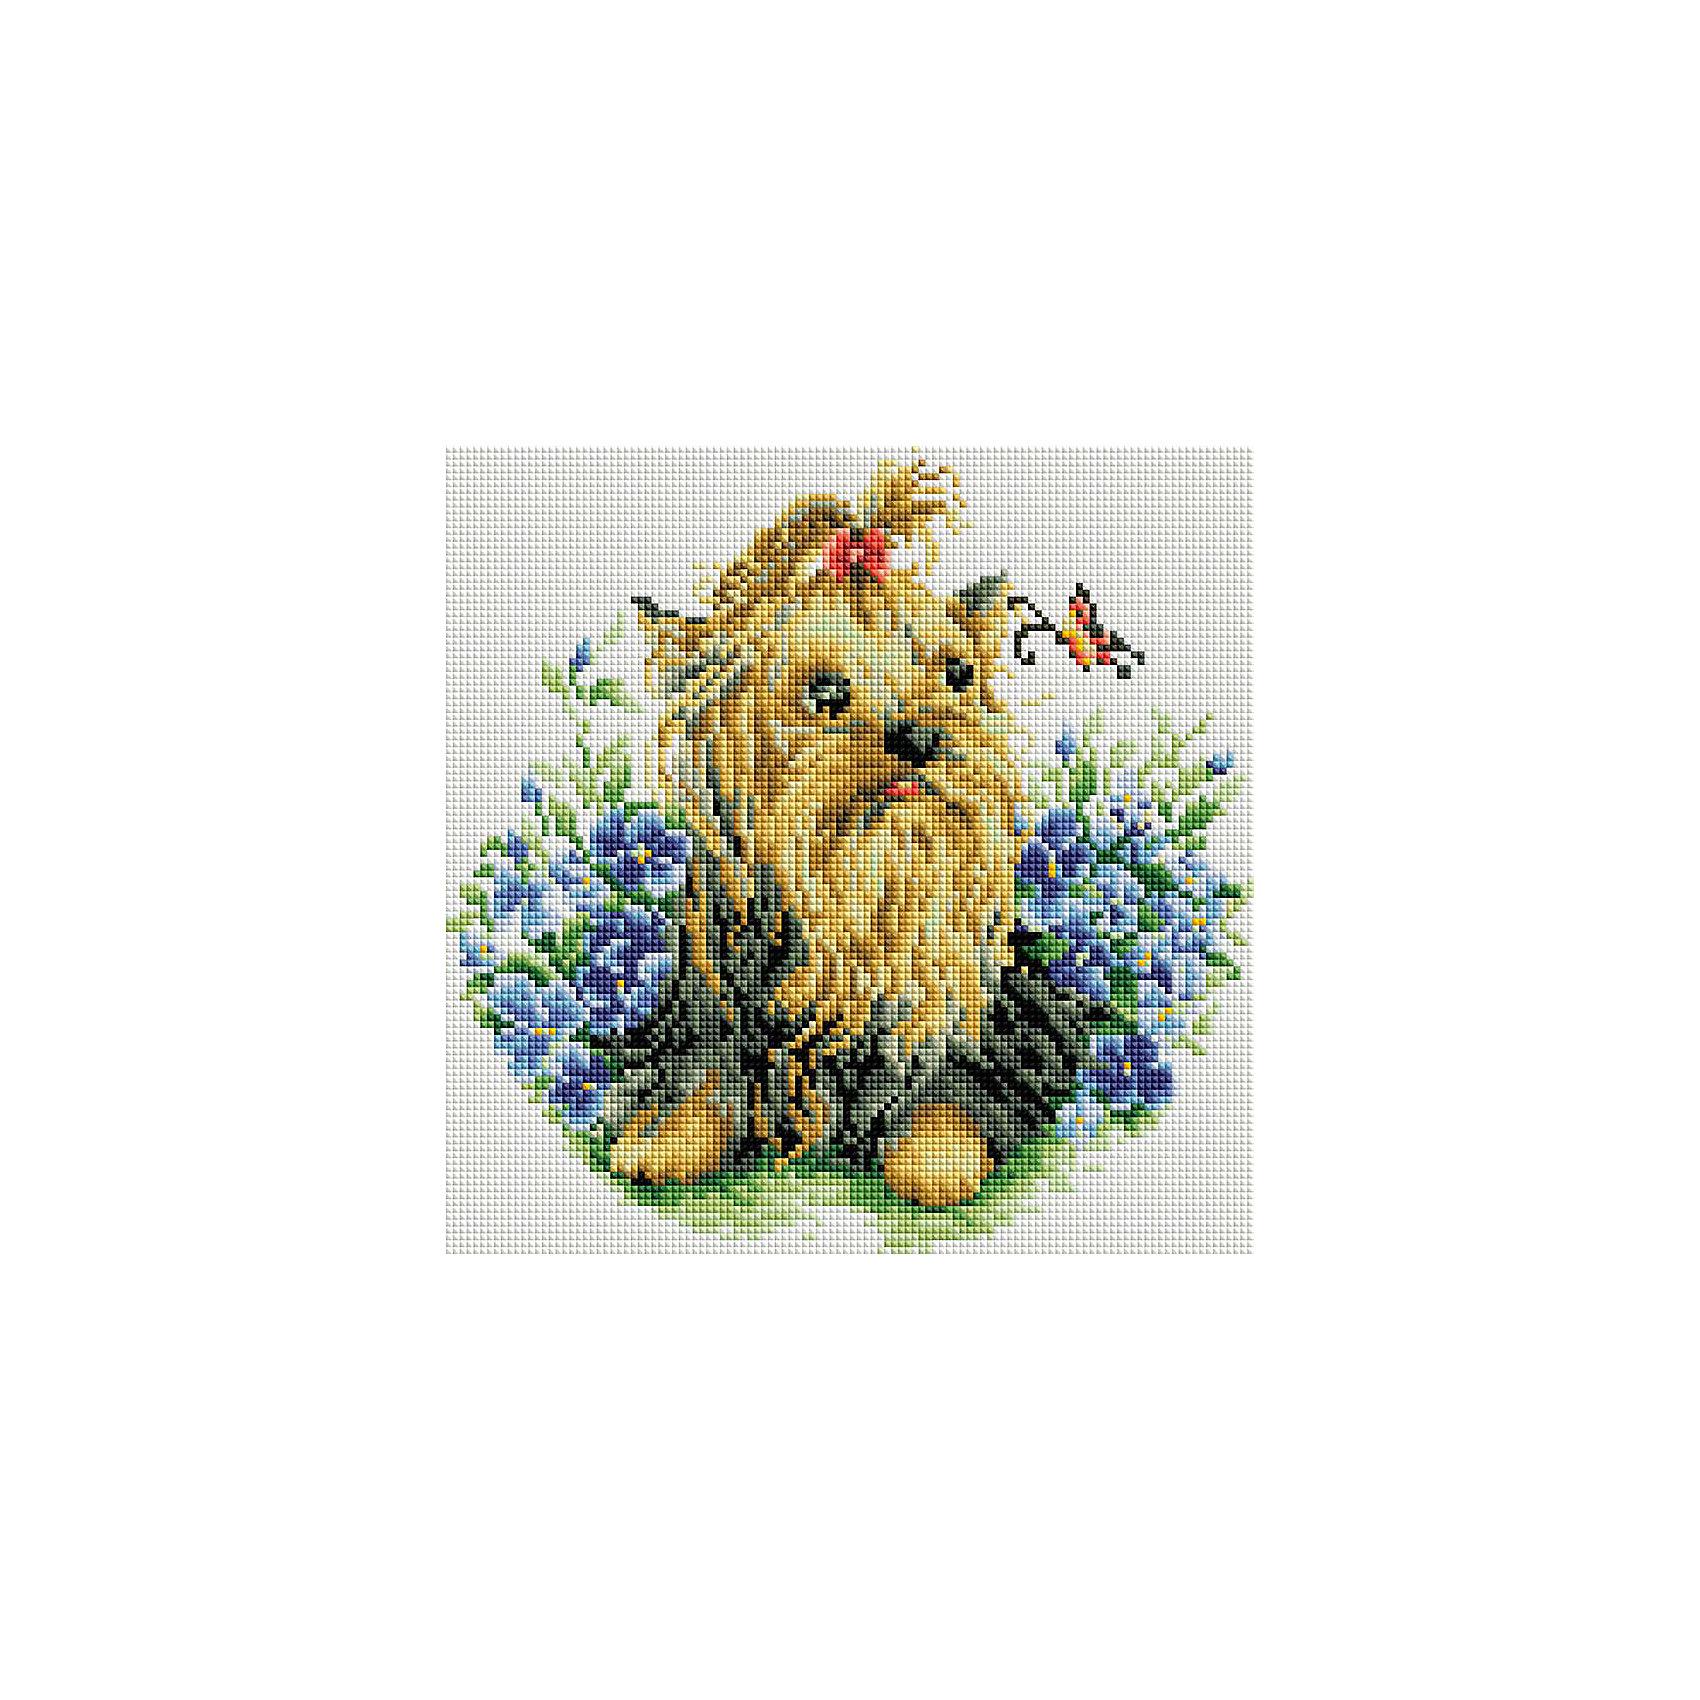 Мозаика на подрамнике Йоркширский терьерМозаика детская<br>Характеристики:<br><br>• Предназначение: для творческих занятий<br>• Тематика: животные<br>• Пол: для девочек<br>• Материал: дерево, бумага, пластик<br>• Цвет: желтый, коричневый, зеленый, голубой, синий и др.<br>• Количество цветов: 26<br>• Комплектация: холст на подрамнике, стразы, пинцет, карандаш для камней, клей, лоток для камней инструкция<br>• Размеры готовой работы (Ш*Д): 30*30 см<br>• Тип выкладки камней: сплошное заполнение рисунка<br>• Стразы квадратной формы ограненные<br>• Вес: 870 г <br>• Упаковка: картонная коробка<br><br>Мозаика на подрамнике Йоркширский терьер – это набор от торговой марки Белоснежка, специализирующейся на товарах для творчества и рукоделия. Комплект для мозаики состоит из холста на деревянном подрамнике, набора необходимых камней и приспособлений для их выкладки. На холст нанесен рисунок с указанием цвета камней. С помощью пинцета выкладывается картина способом сплошного заполнения, что создает реалистичность изображения. Все материалы, используемые в наборе, экологичные и натуральные. Готовые наборы научат вашего ребенка сочетать цвета и оттенки, действовать по заданному образцу, будут способствовать развитию внимательности, усидчивости и зрительному восприятию. <br>Занятия художественным творчеством являются не только средством творческого и эстетического развития, но также воспитания и коррекции эмоциональных комплексов у детей и подростков. <br><br>С наборами от Белоснежки можно создать как отдельную картину, так и использовать поделку в качестве оригинального и яркого аксессуара для оформления интерьера или других более крупных предметов и поделок.<br><br>Мозаику на подрамнике Йоркширский терьер можно купить в нашем интернет-магазине.<br><br>Ширина мм: 310<br>Глубина мм: 310<br>Высота мм: 25<br>Вес г: 767<br>Возраст от месяцев: 144<br>Возраст до месяцев: 192<br>Пол: Женский<br>Возраст: Детский<br>SKU: 5089776